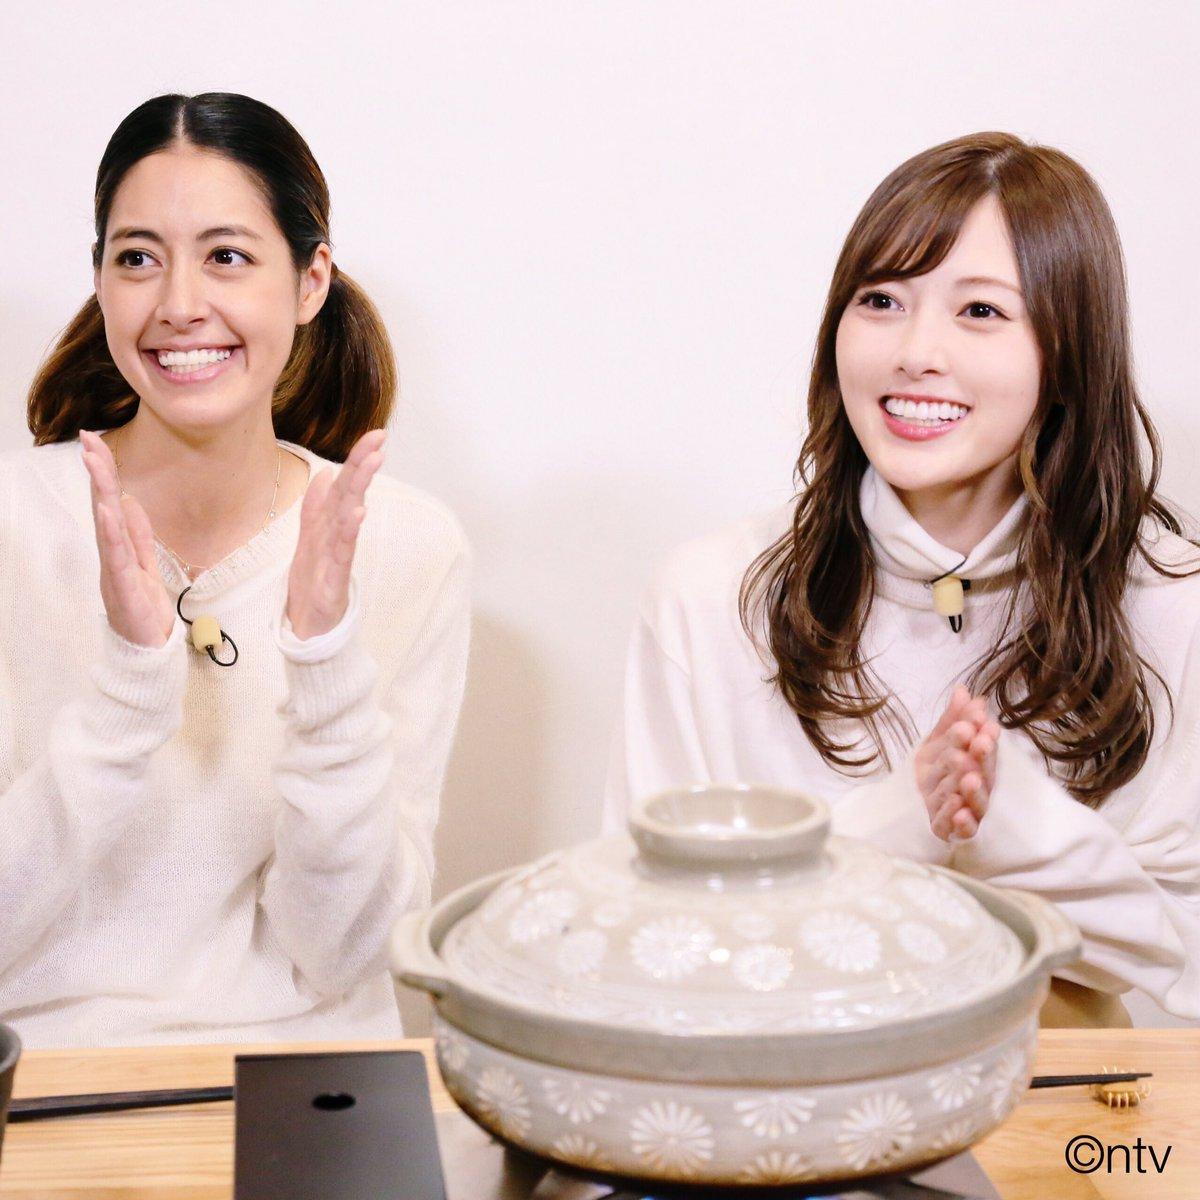 #泉さん と #白石麻衣 さんでこの季節にぴったりの美味しいお鍋!!なんのお鍋かな〜?? 楽しみです!! #お...